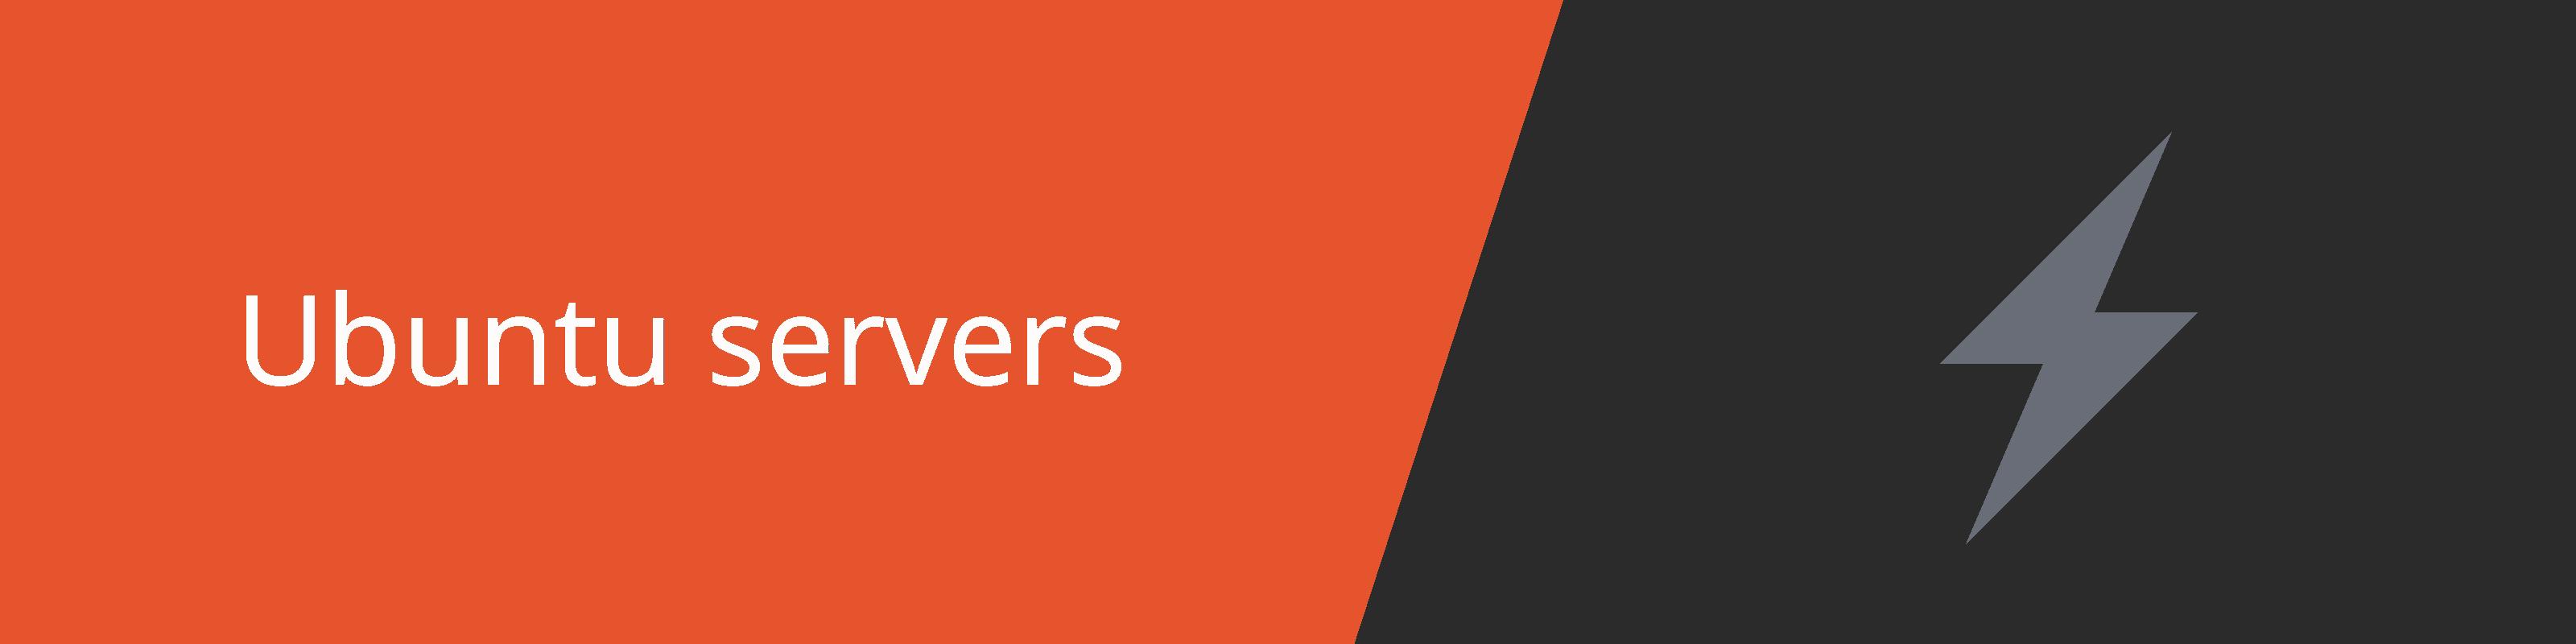 ubuntu servers